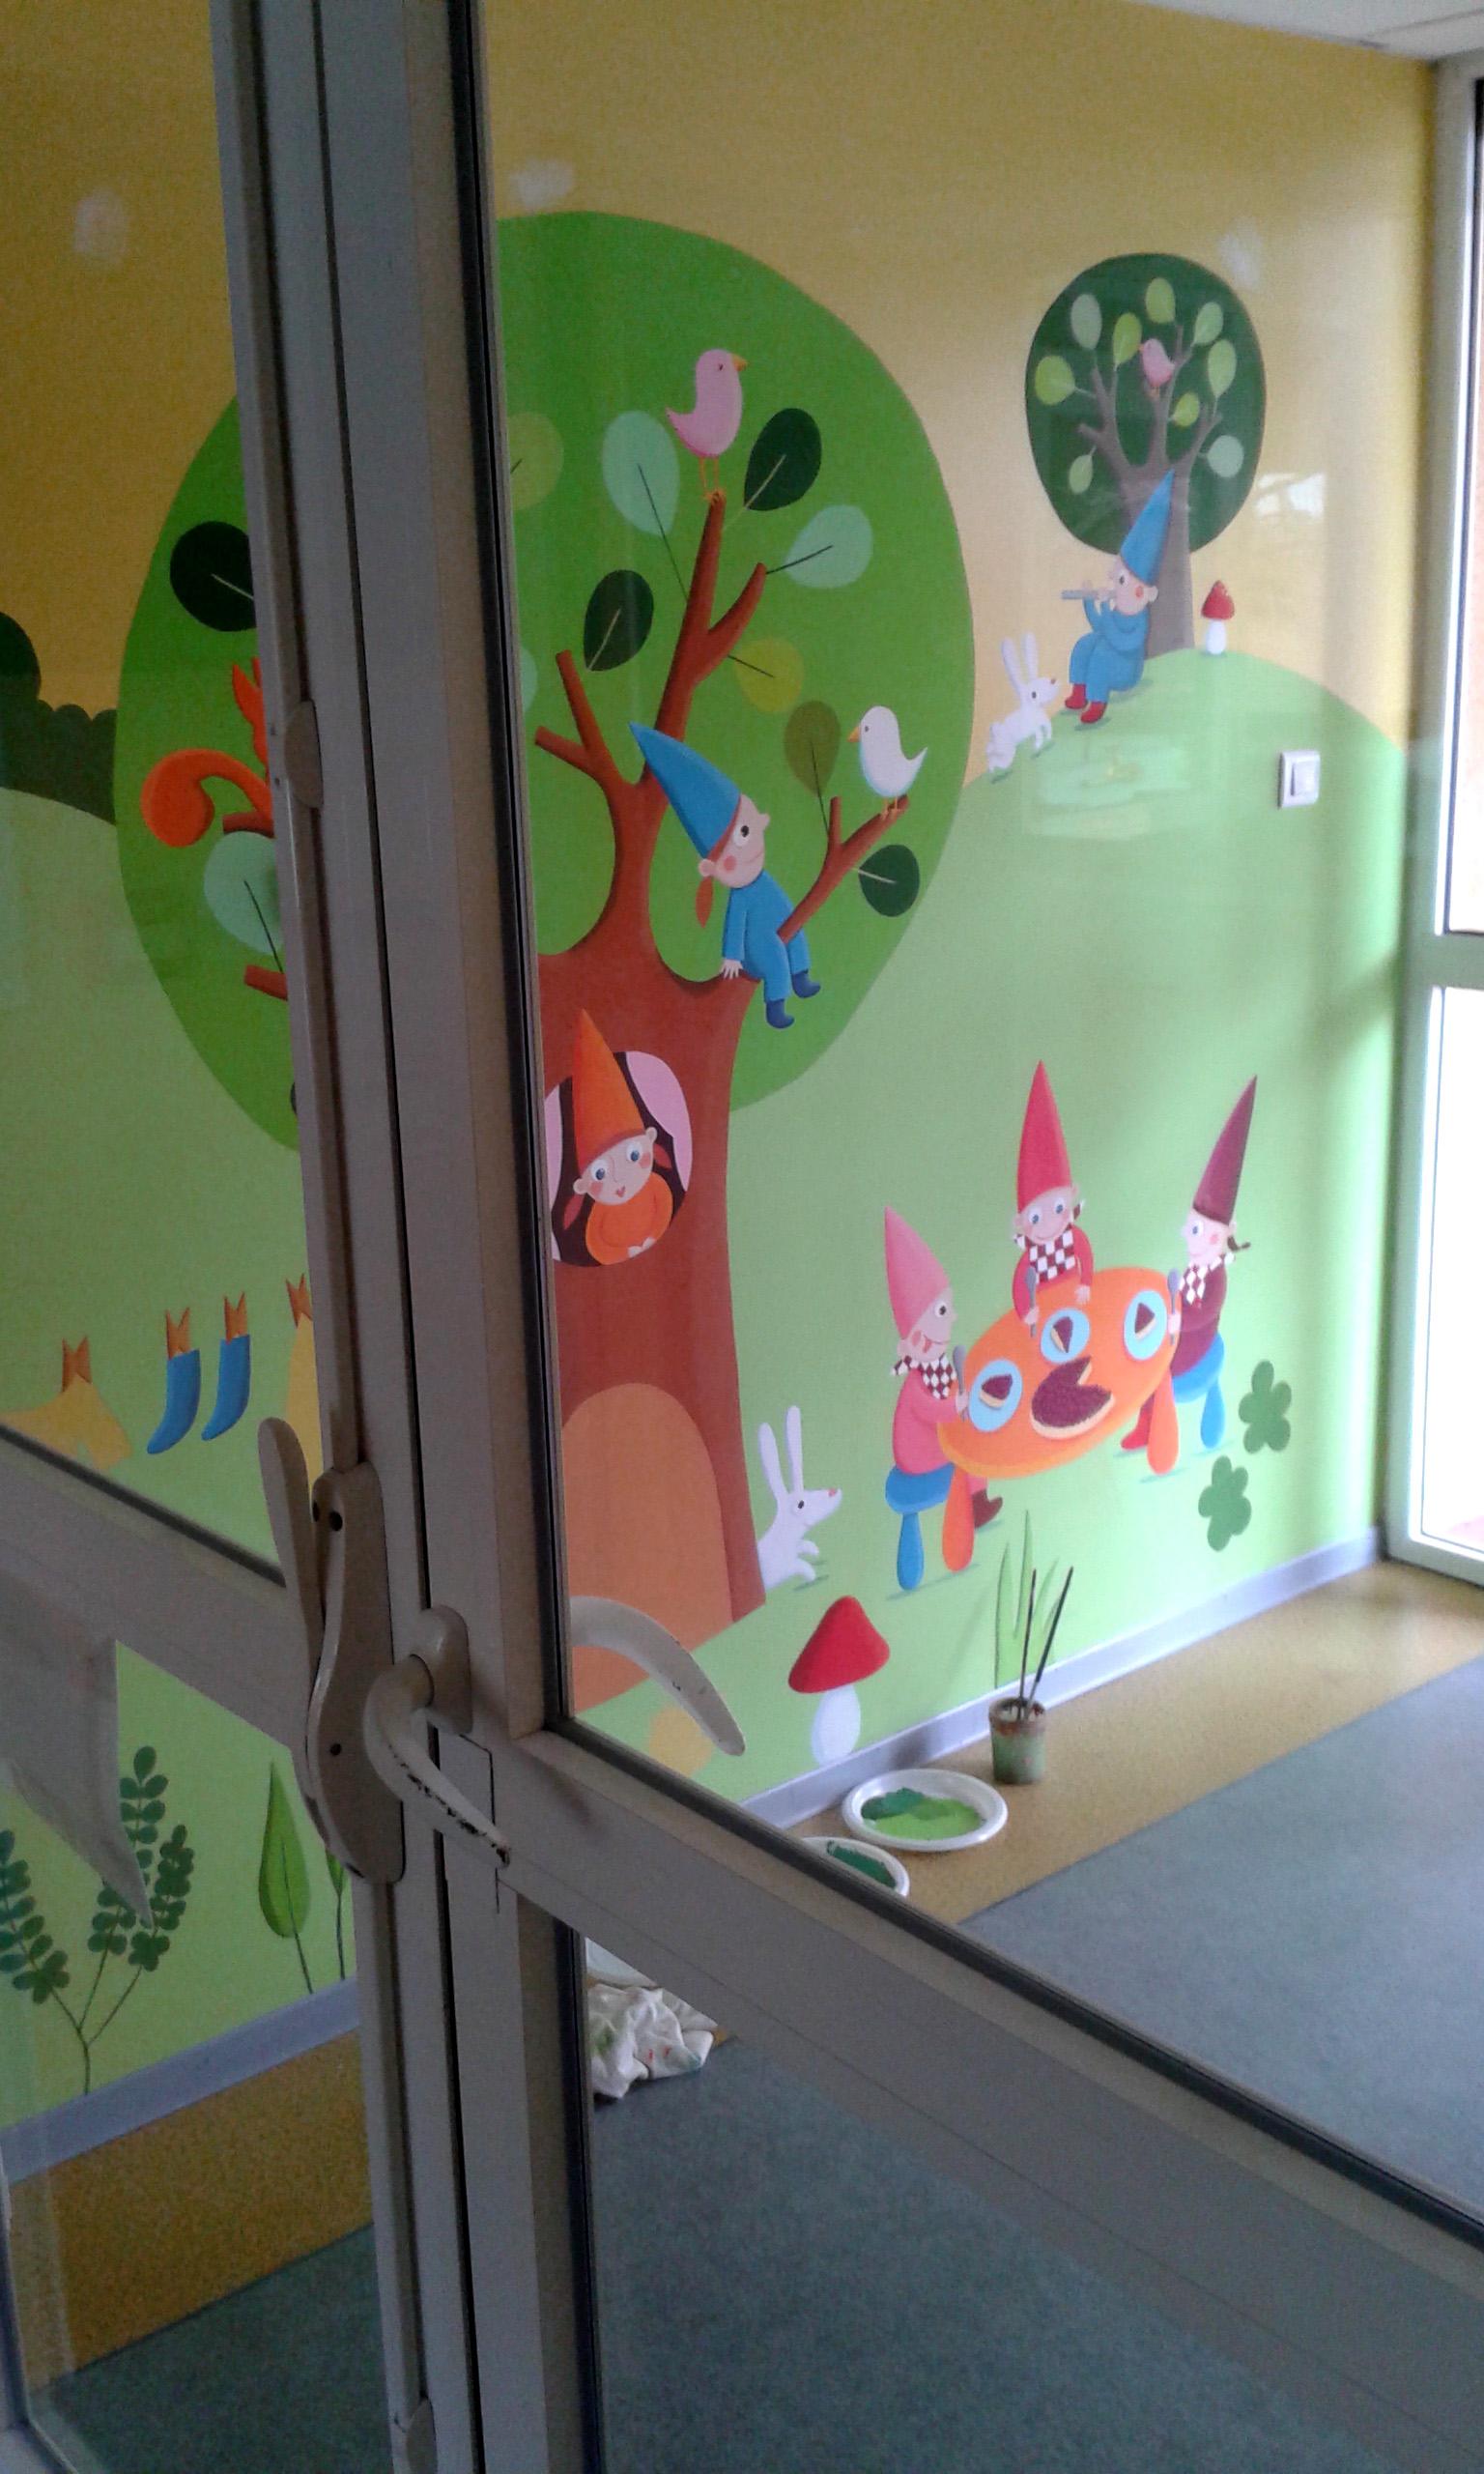 Émilie Chollat Crèche les petits lutins Plan de Cuques Avril 2015 161